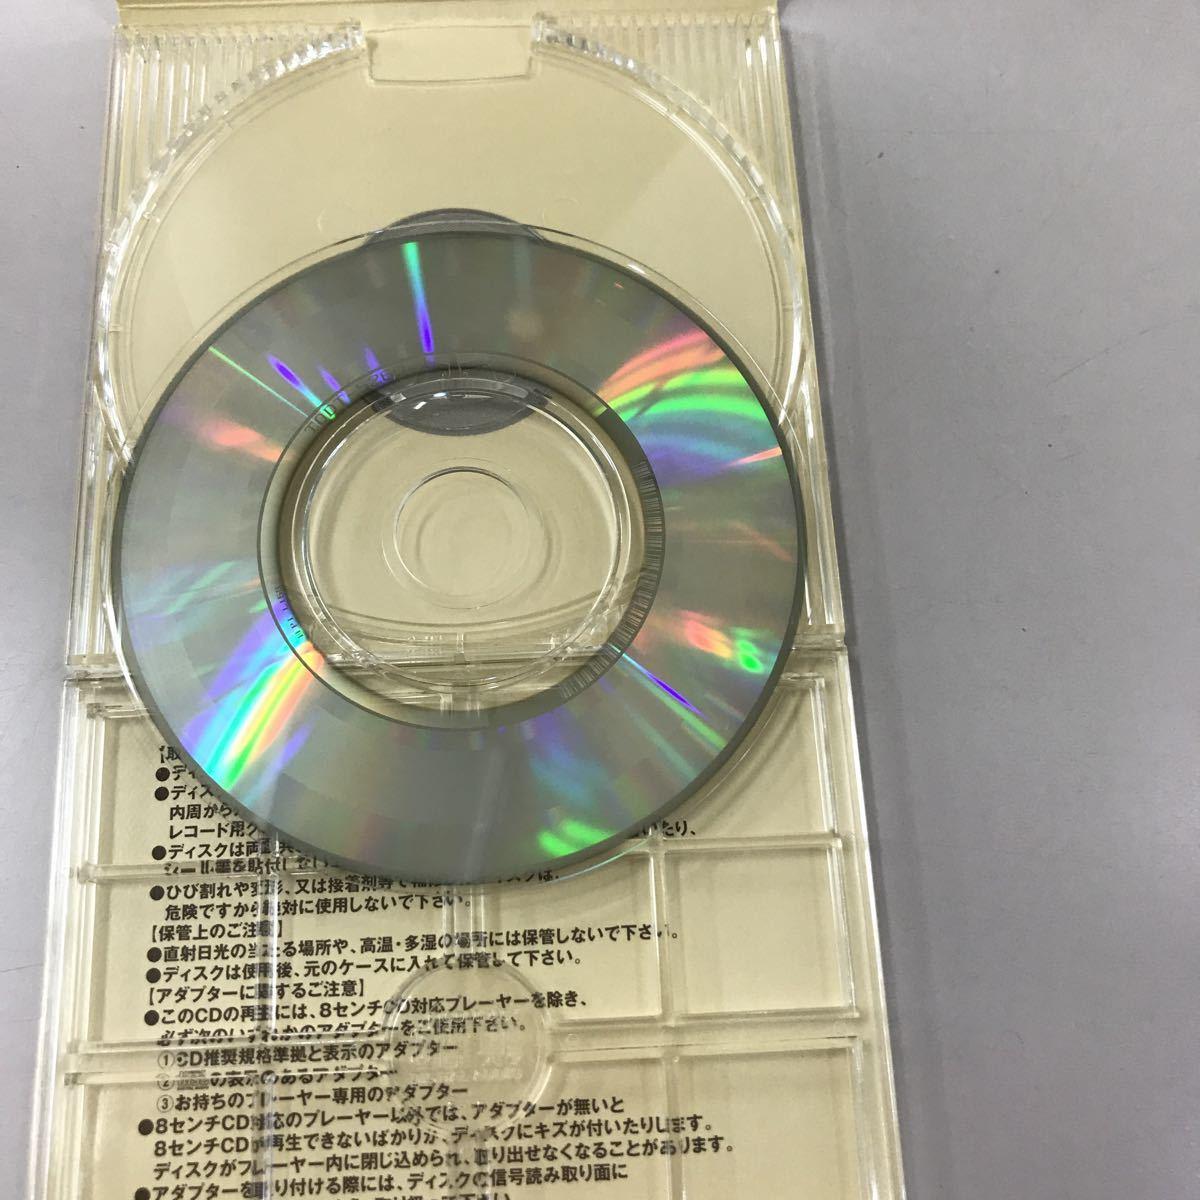 シングルCD 8センチ 中古【邦楽】長期保存品 CHAGE&ASKA この愛のために